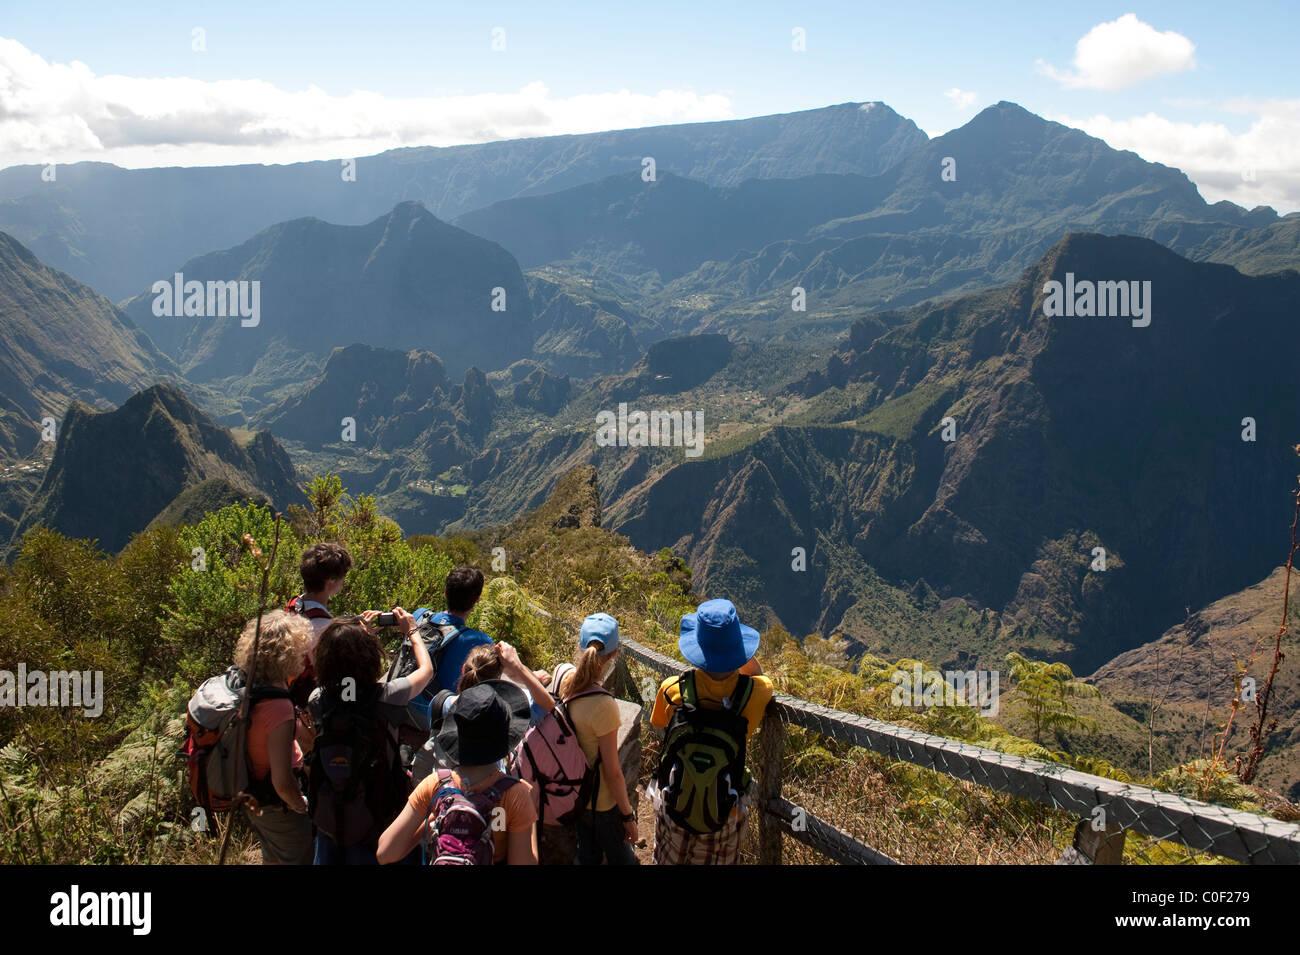 Les randonneurs regarder vers le bas pour le cirque de Mafate à un point de vue sur le pic de Maido. Photo Stock